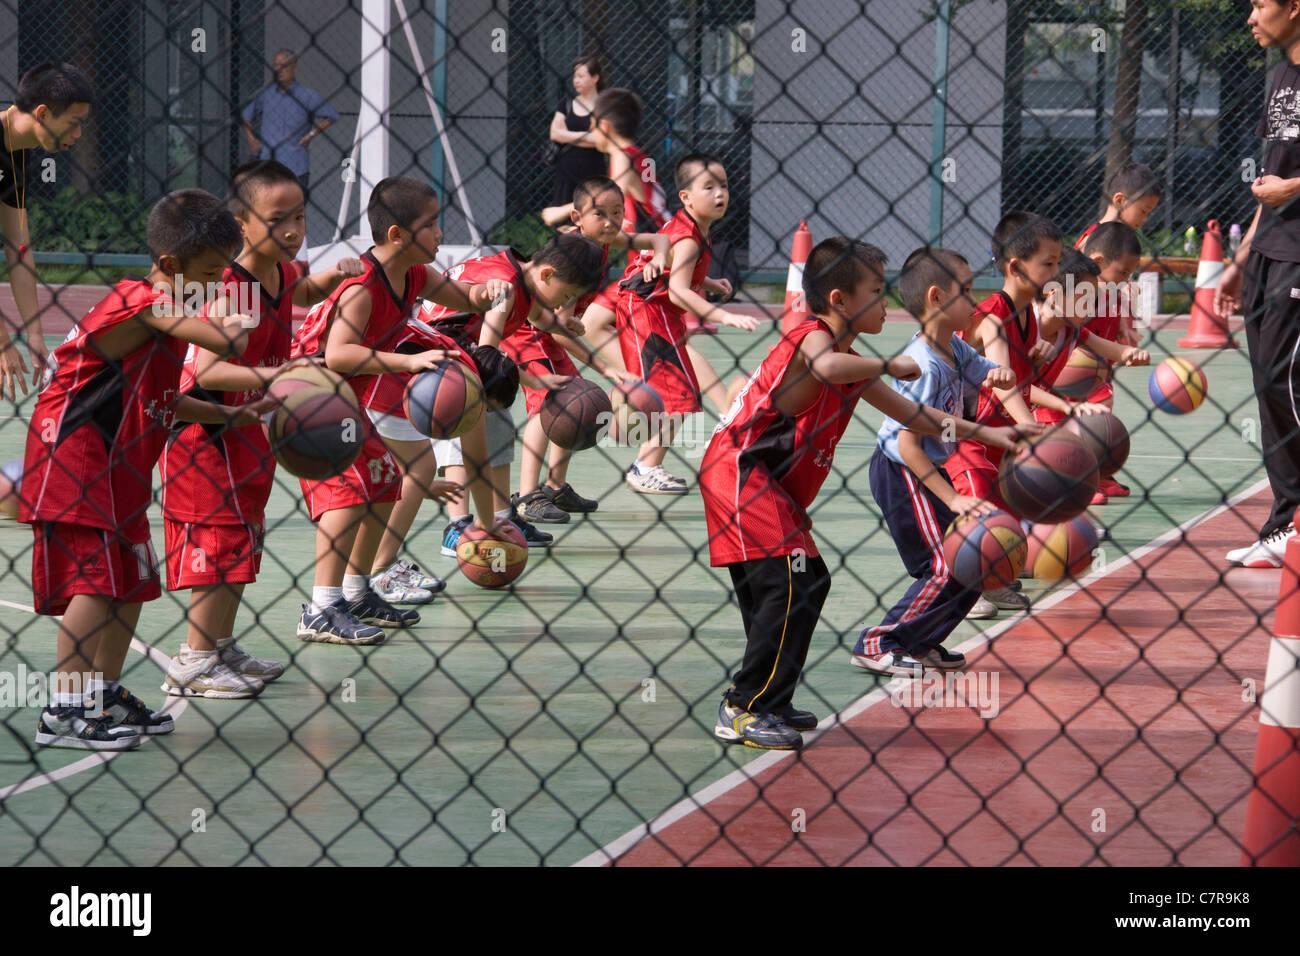 Enfants jouant au basket-ball à l'école, Guangzhou, Guangdong, Chine Photo Stock